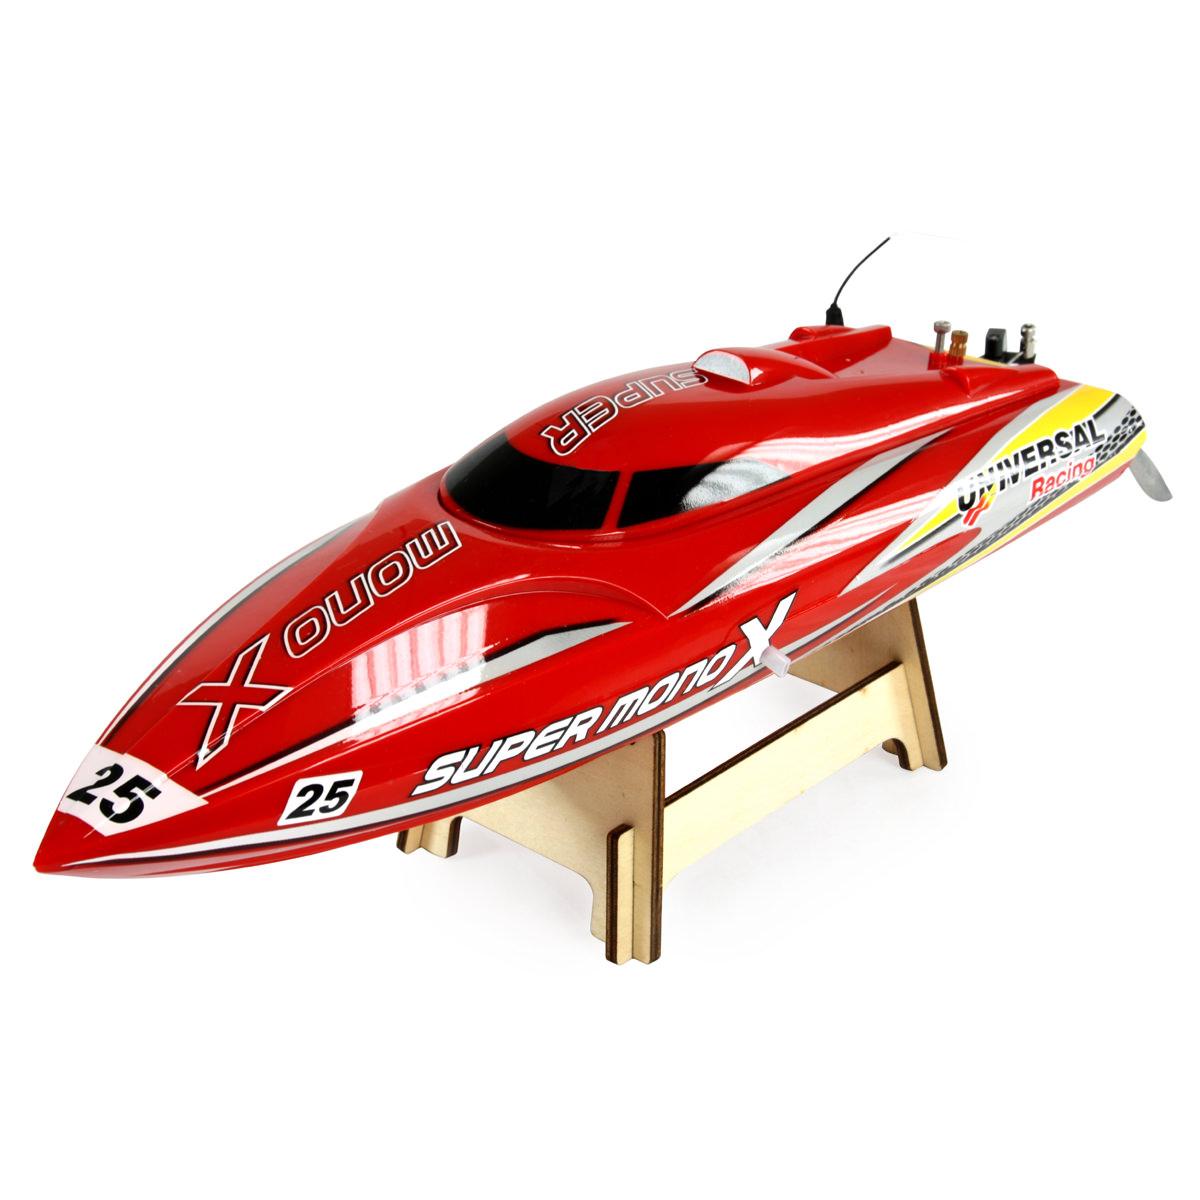 Joysway 8209 Super Mono X Rc Racing Boat At Hobby Warehouse